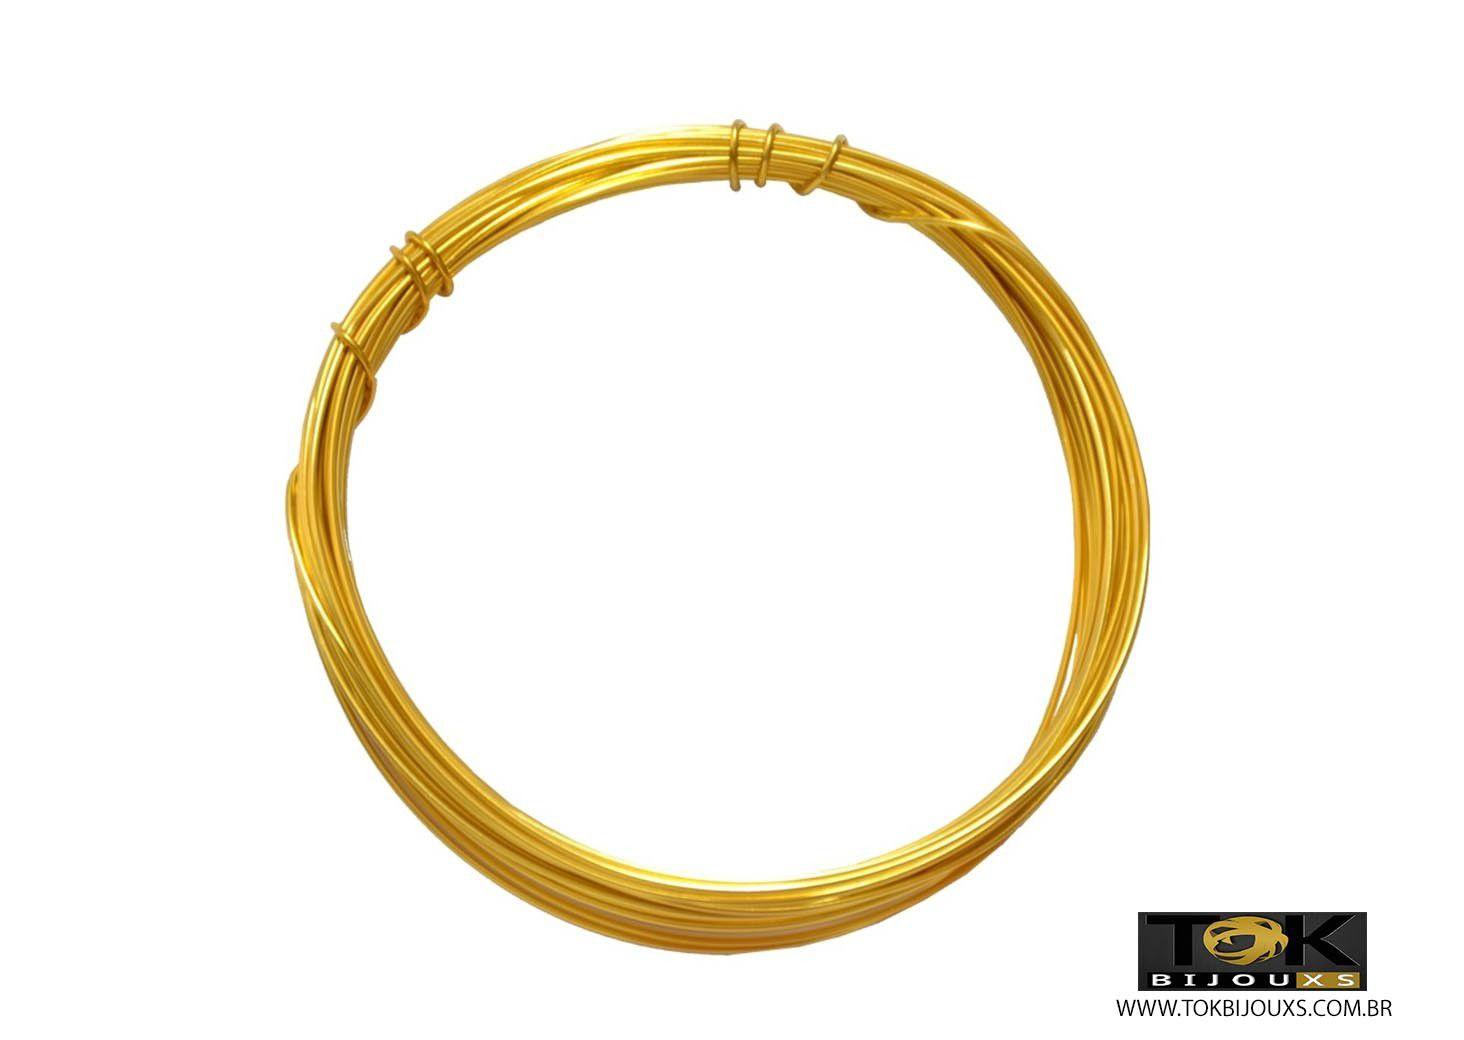 Arame Aluminio Dourado 2,5mm - 1 kg